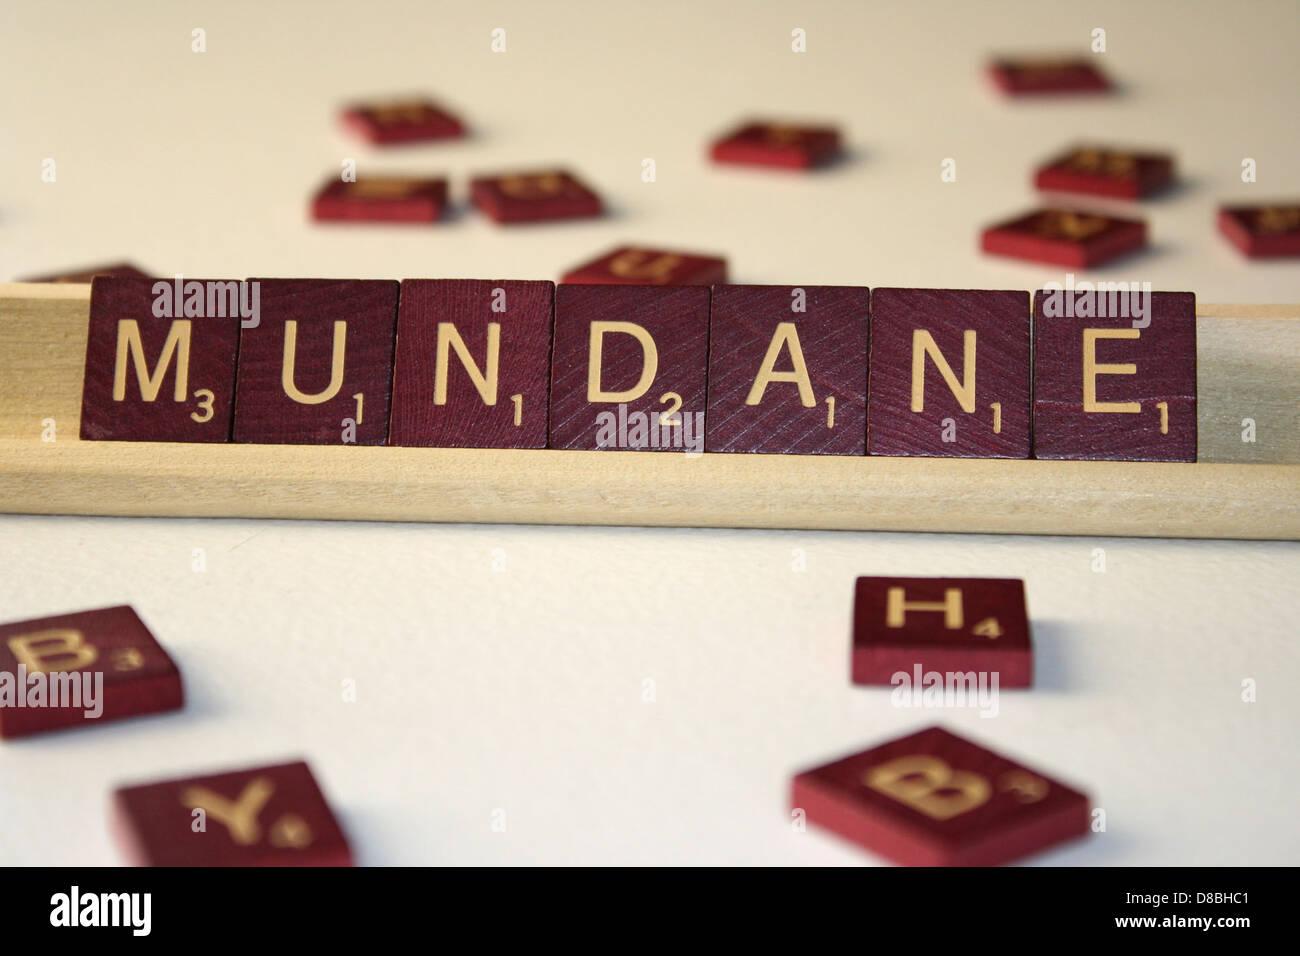 mundane. - Stock Image